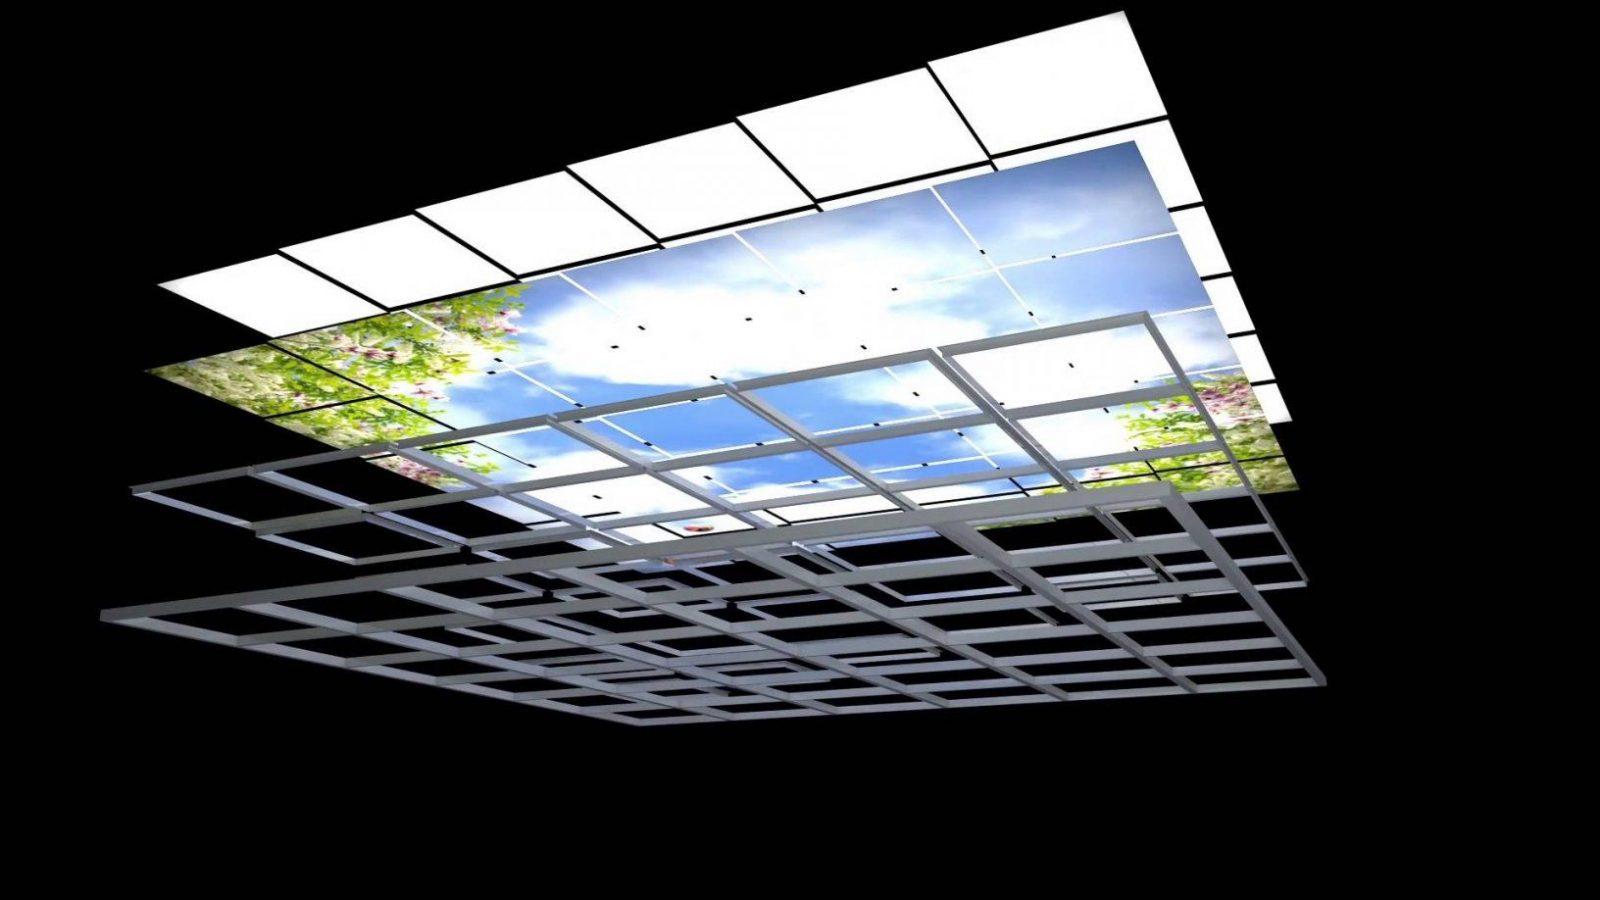 Lichtdecken Led  Lumisky  Youtube von Led Lichtdecke Selber Bauen Bild